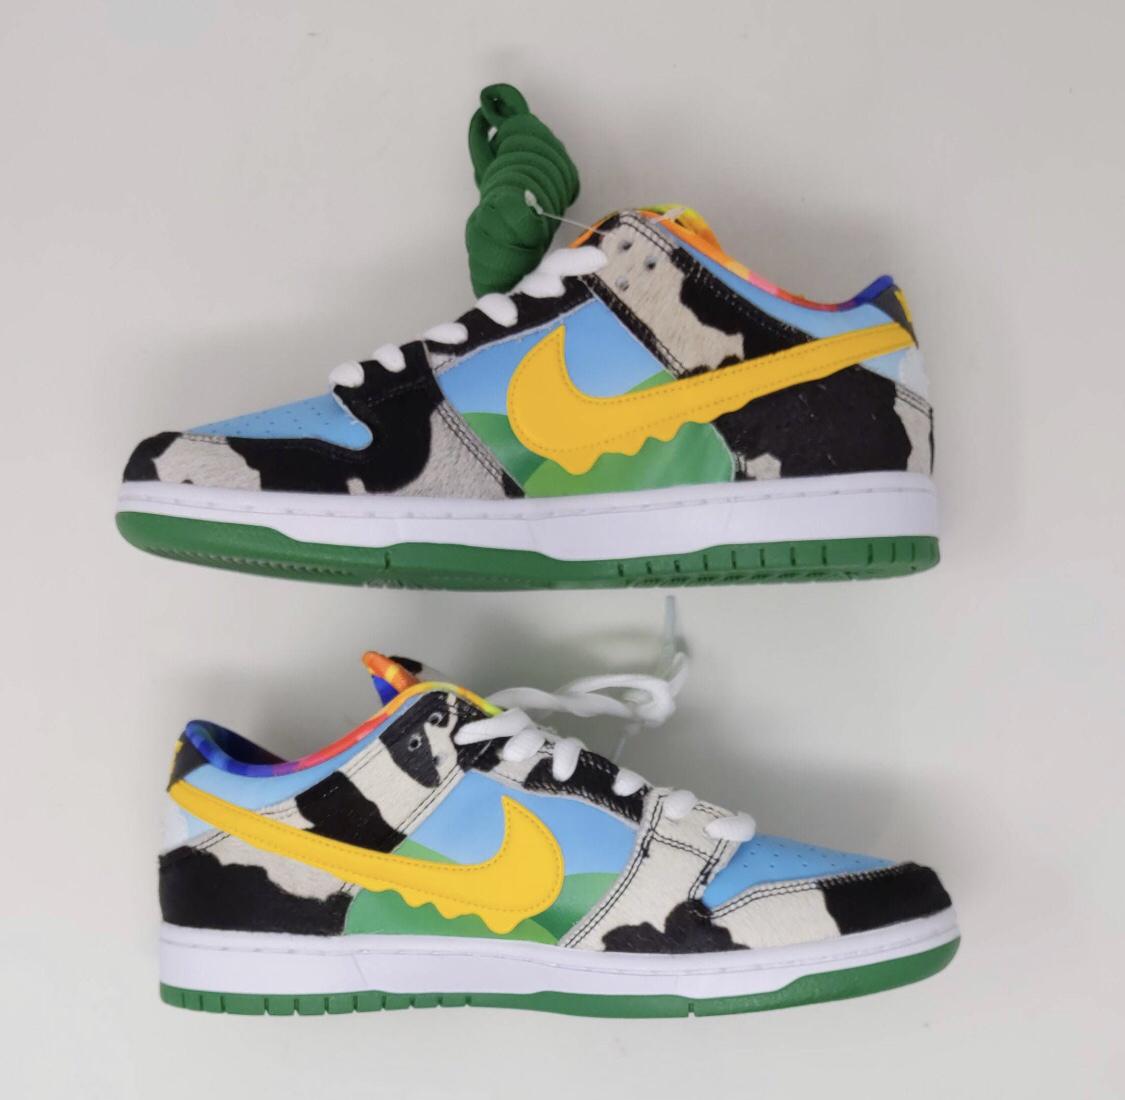 Nike - $1100 - Size 8